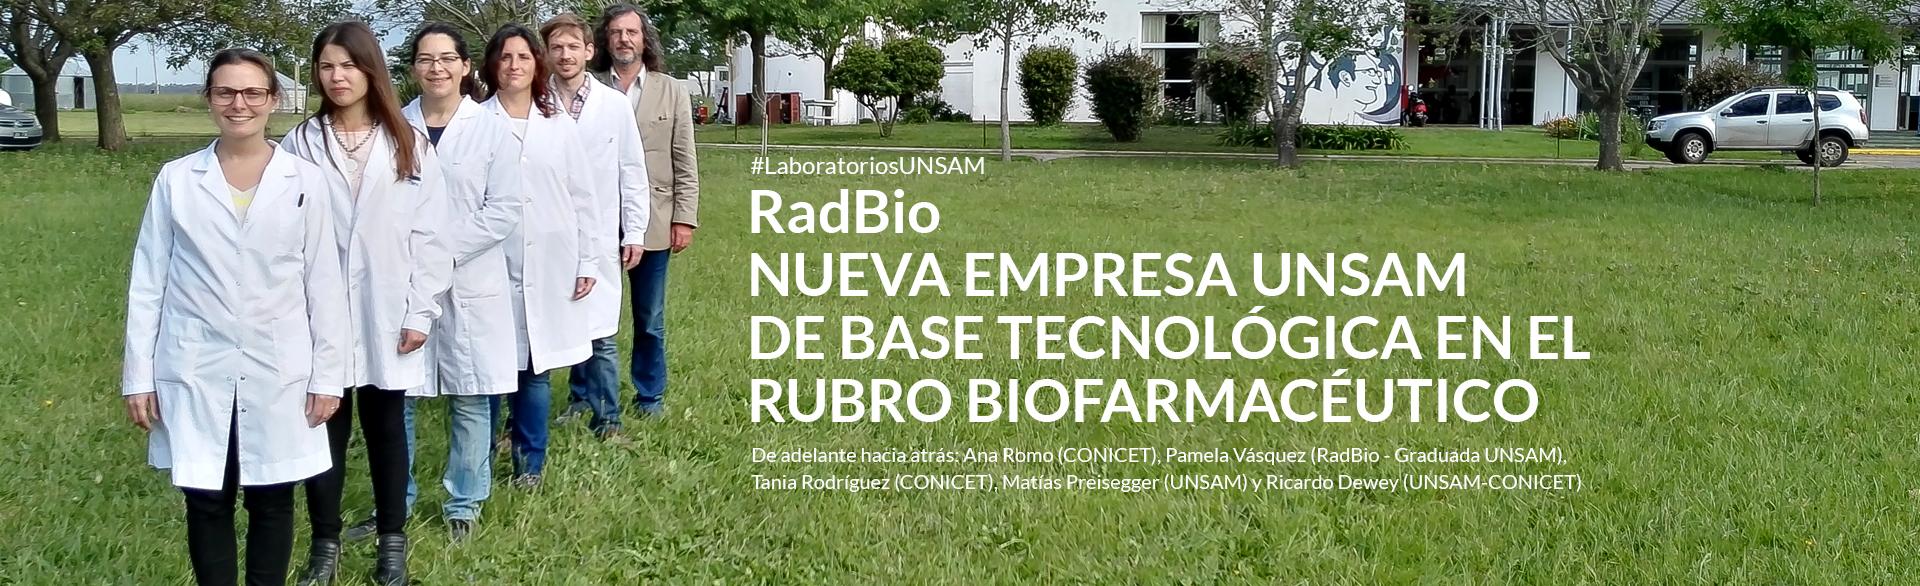 RadBio: Nueva empresa de base tecnológica